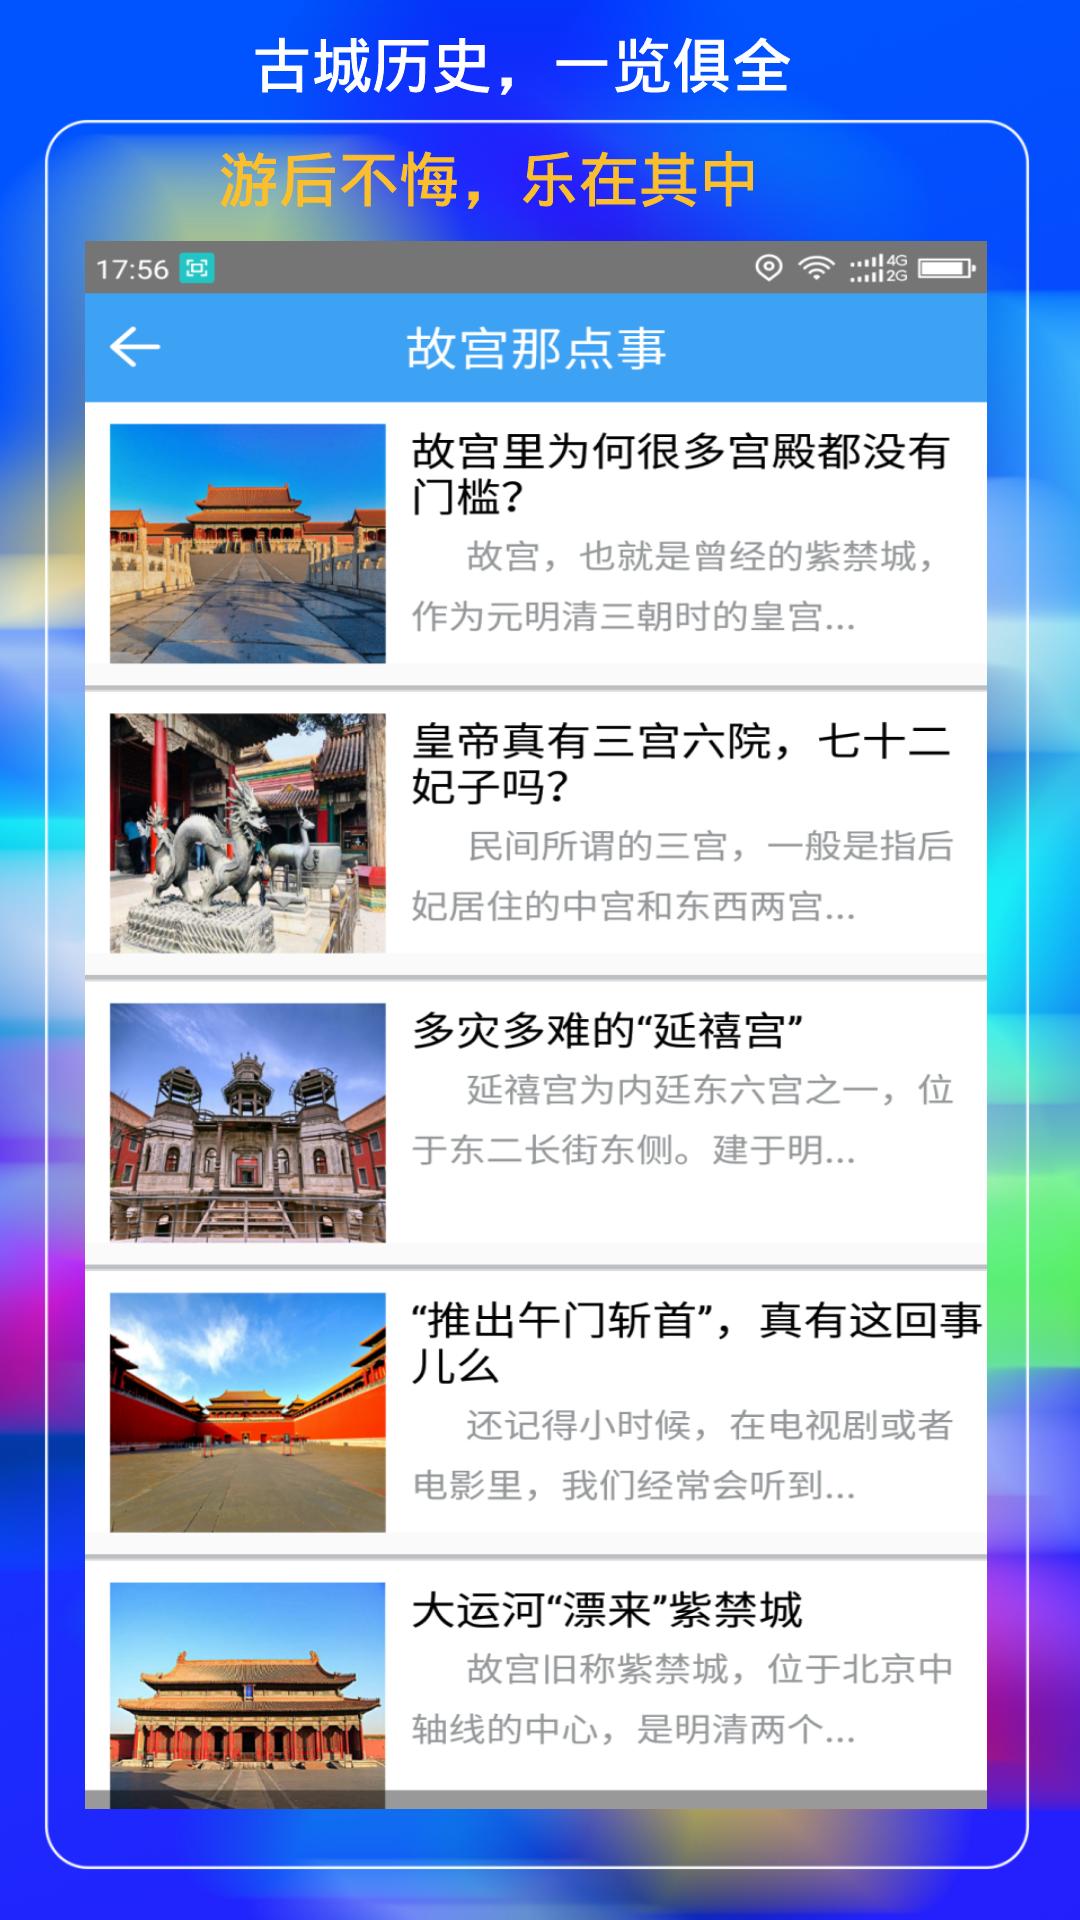 故宫云导游 V1.0 安卓版截图2